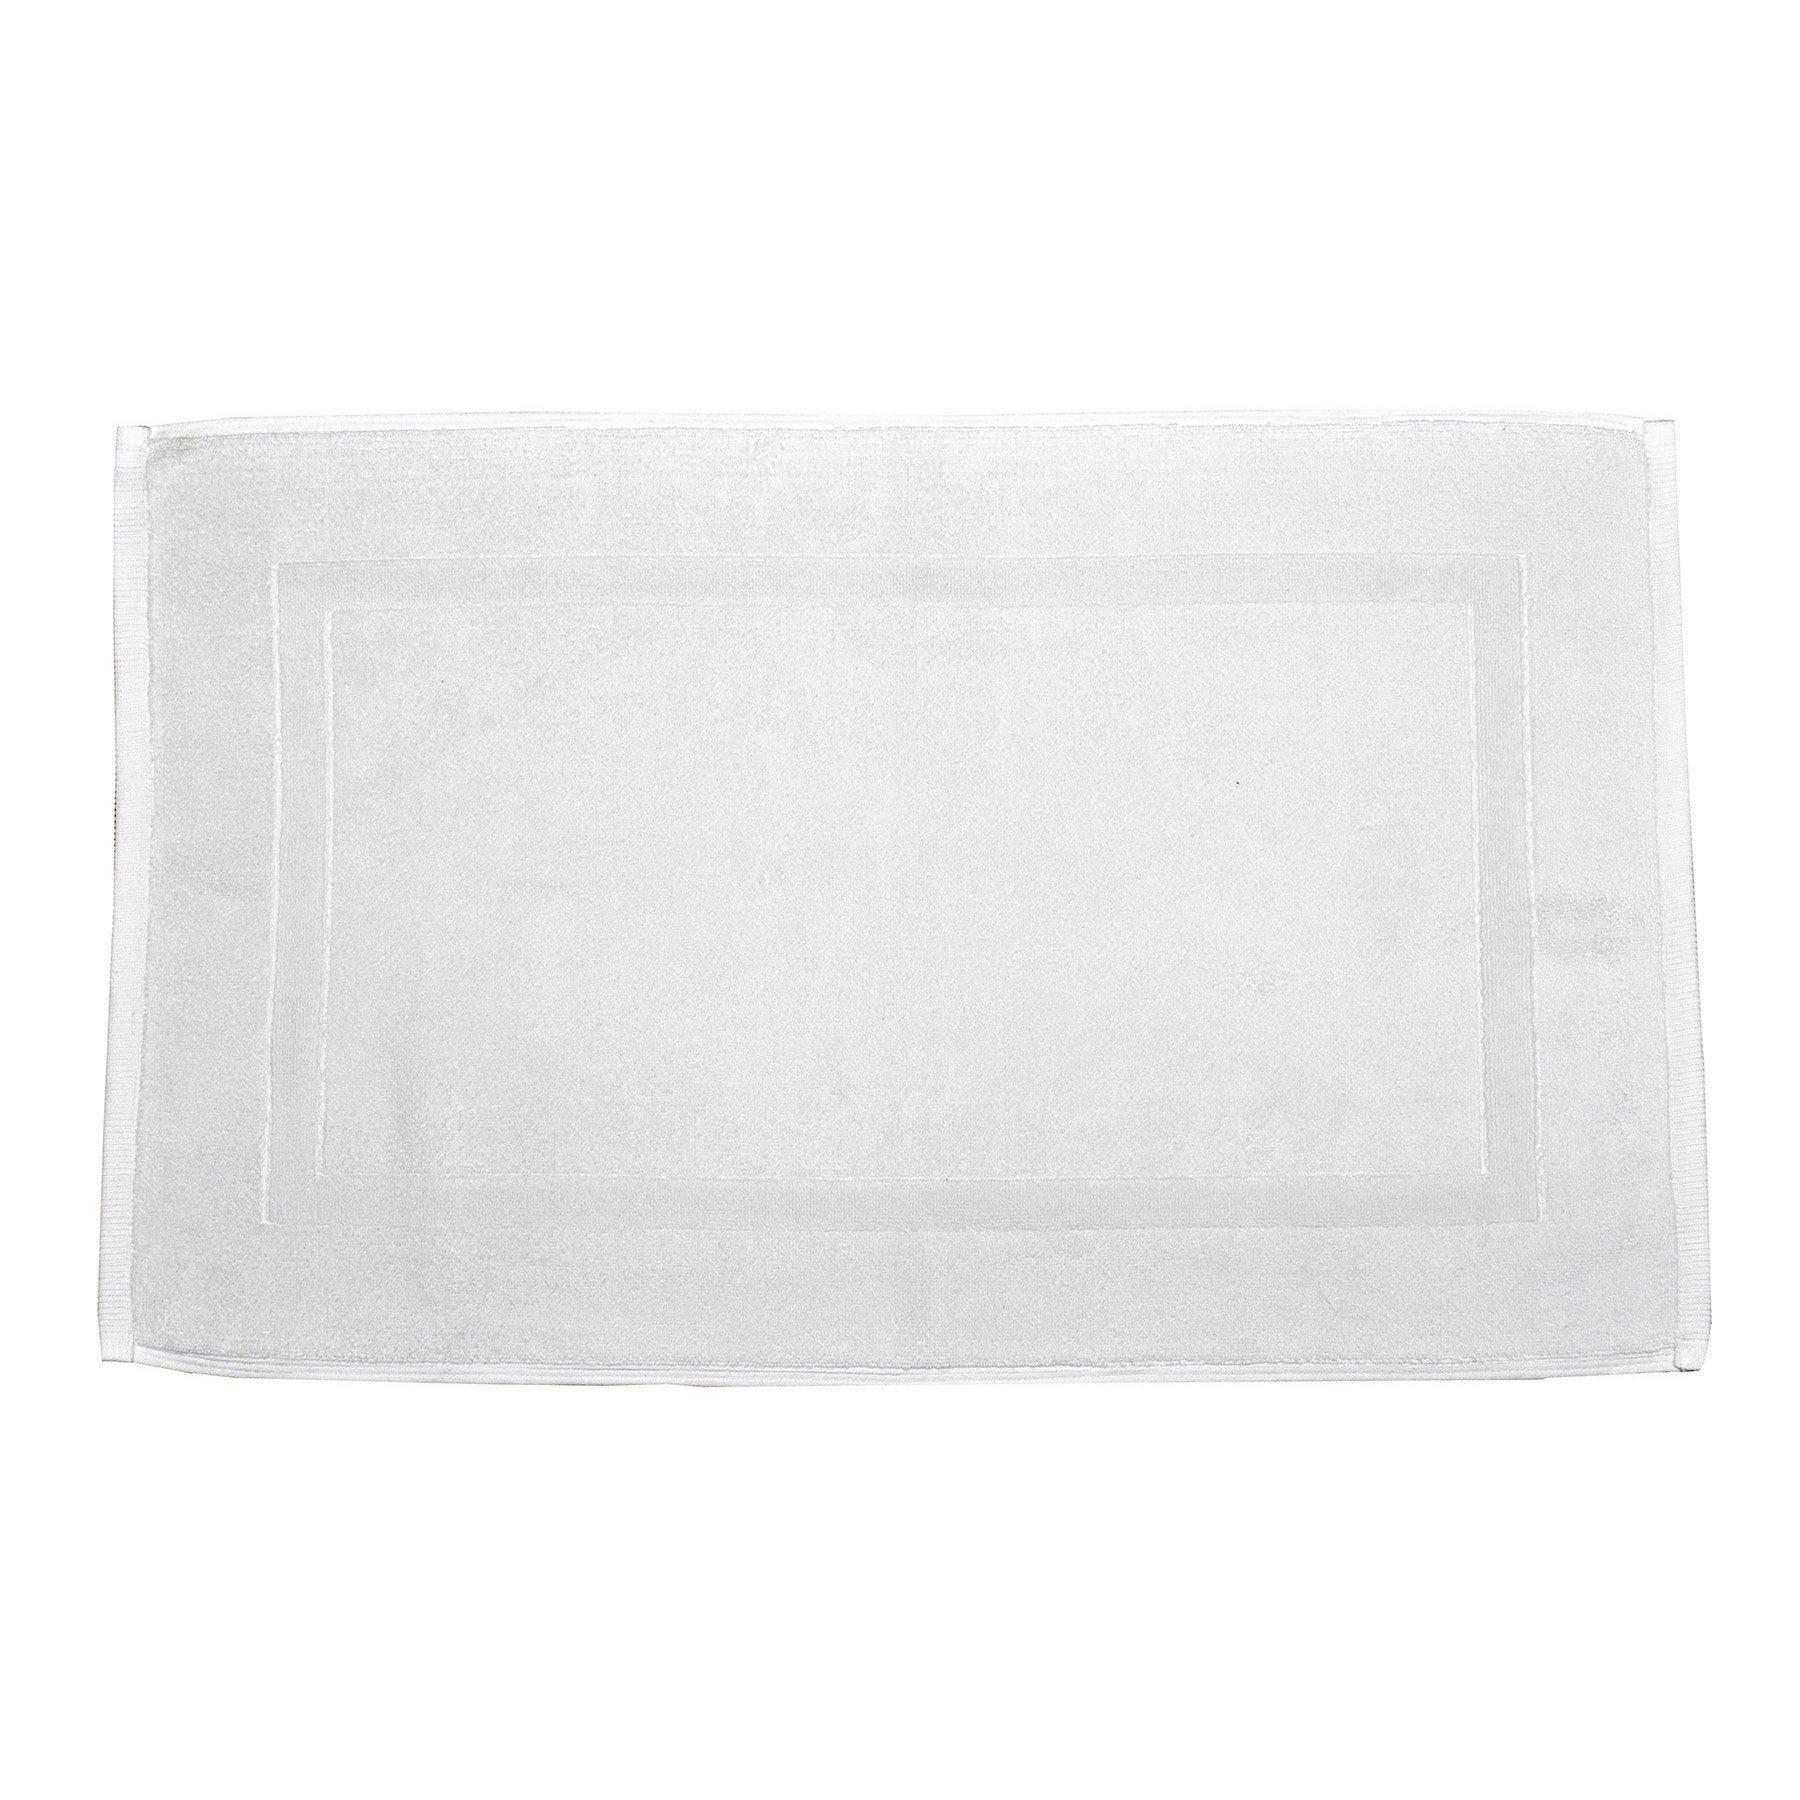 Tapis de bain l.50 x L.80 cm white n°0, Terry SENSEA